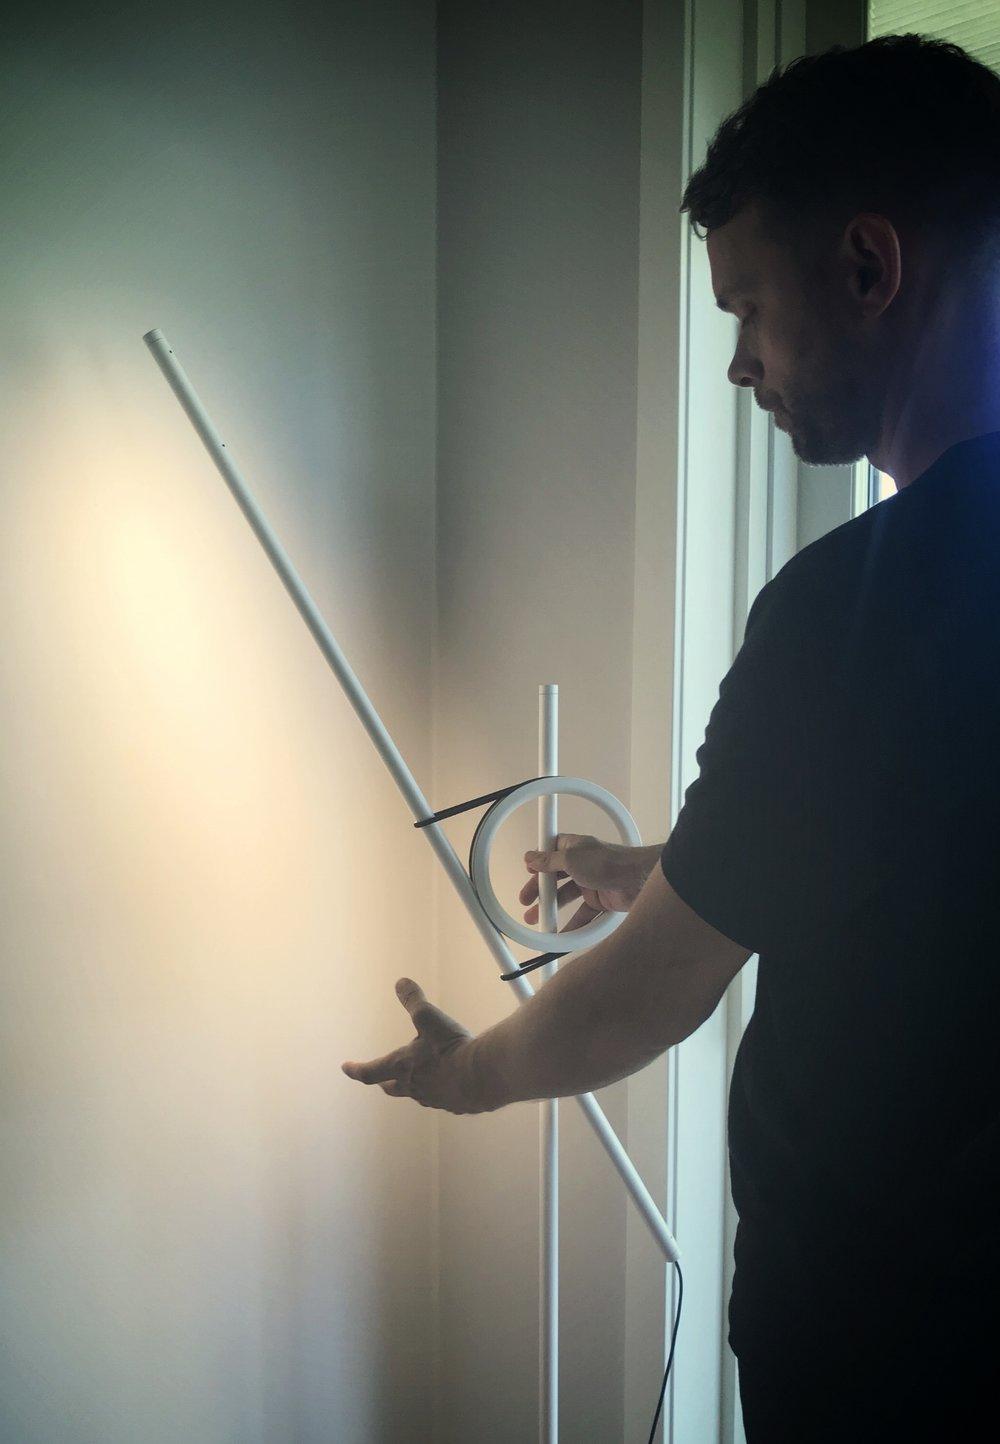 Thomas demonstrerer Tangent lampen med lyshode som er et smalt stålrør med innfelt LED-lys. – Målet vårt var å skape det optimale vegglyset, er armatur som inndirekte belyser veggen uten skarpe skygger forklarer han. Lampen kan roteres 360 grader og kan benyttes som leselampe så vel som lyssetting av veggkunst.